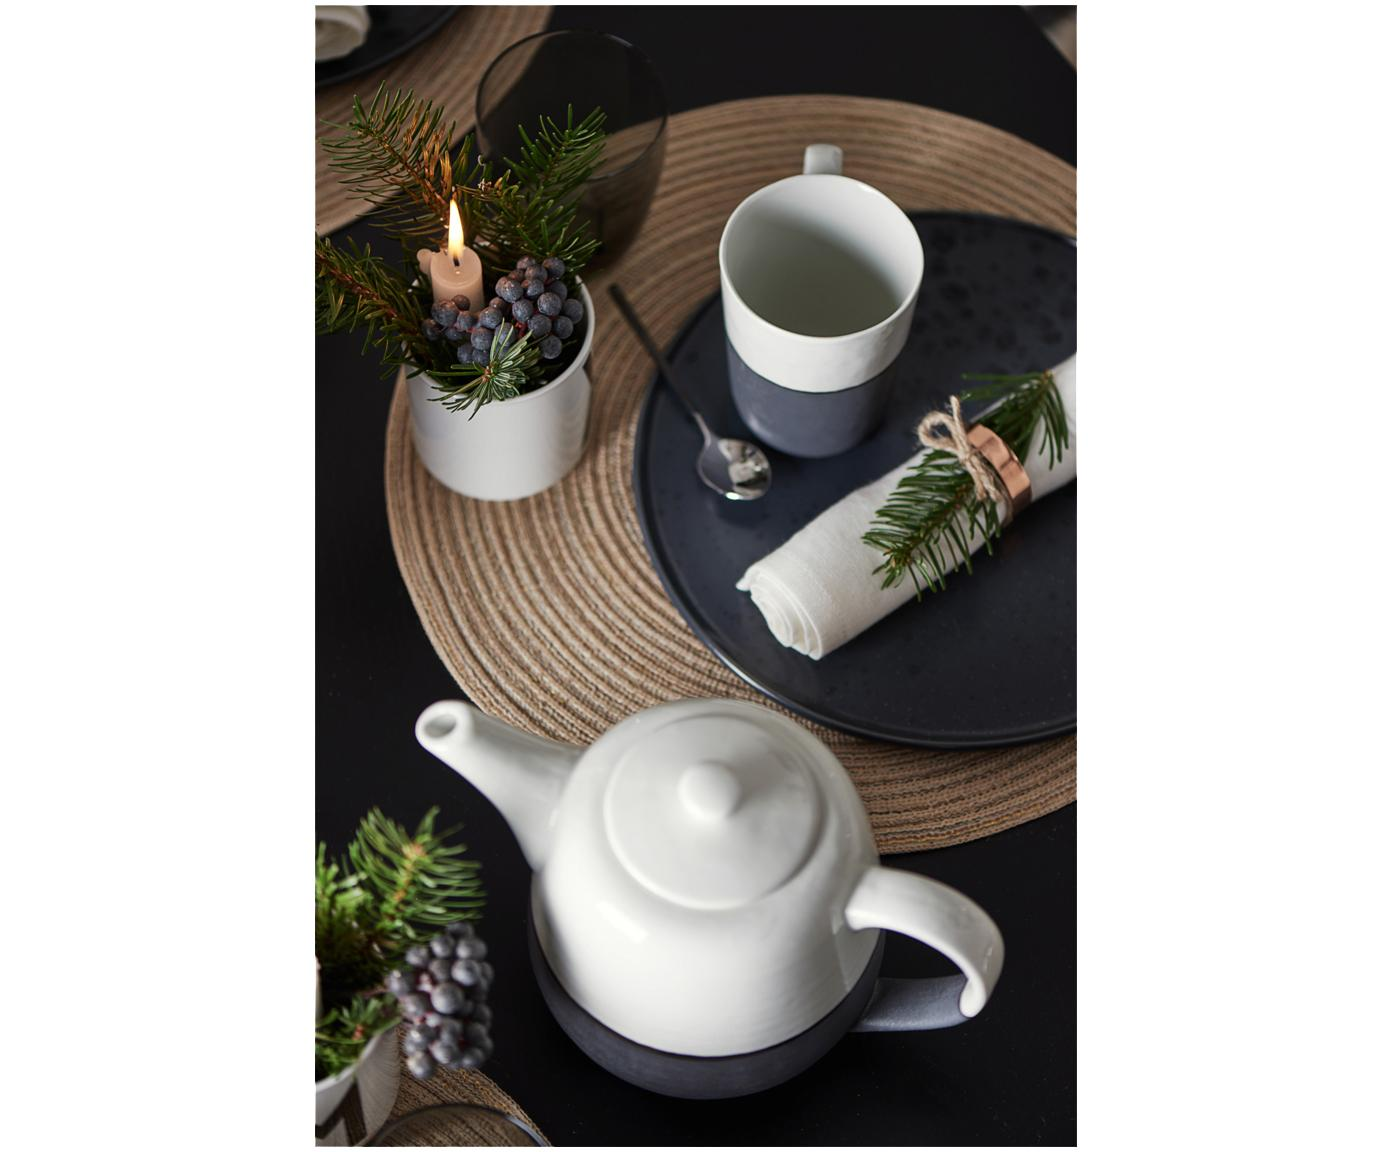 Handgemachte Teekanne Esrum matt/glänzend, Unten: Steingut, naturbelassen, Elfenbeinfarben, Graubraun, 1.4 L